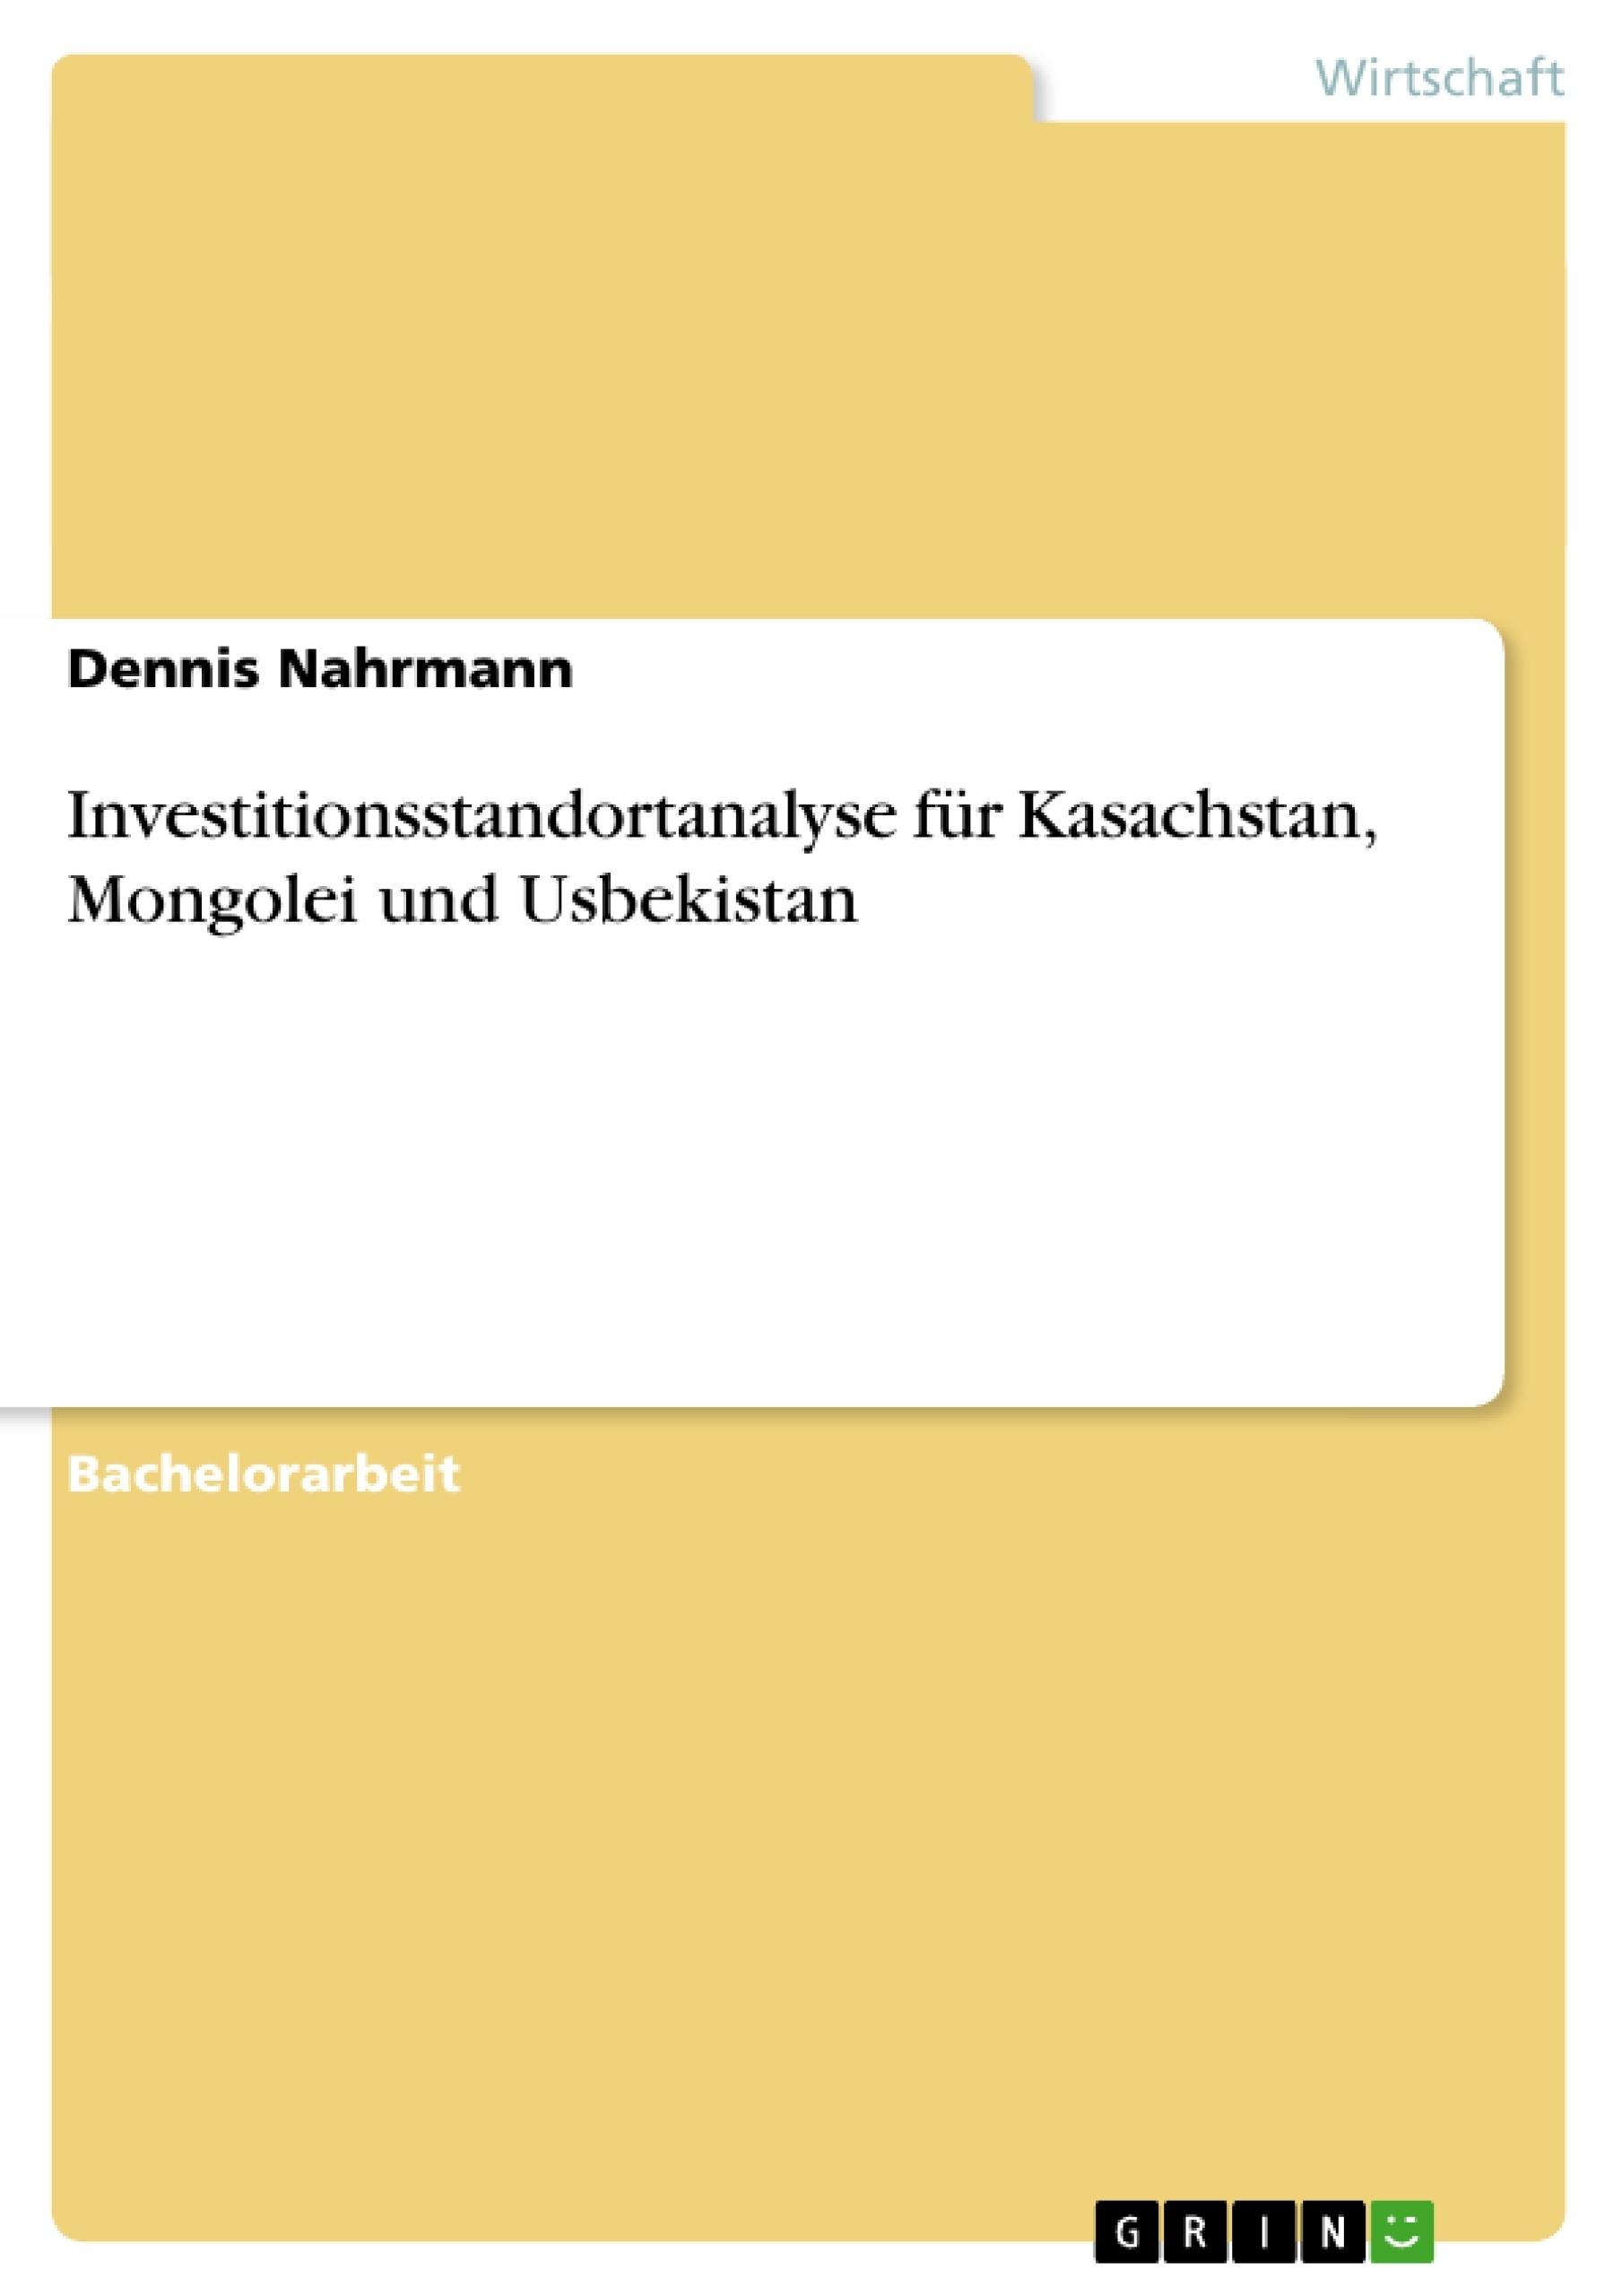 Titel: Investitionsstandortanalyse für Kasachstan, Mongolei und Usbekistan